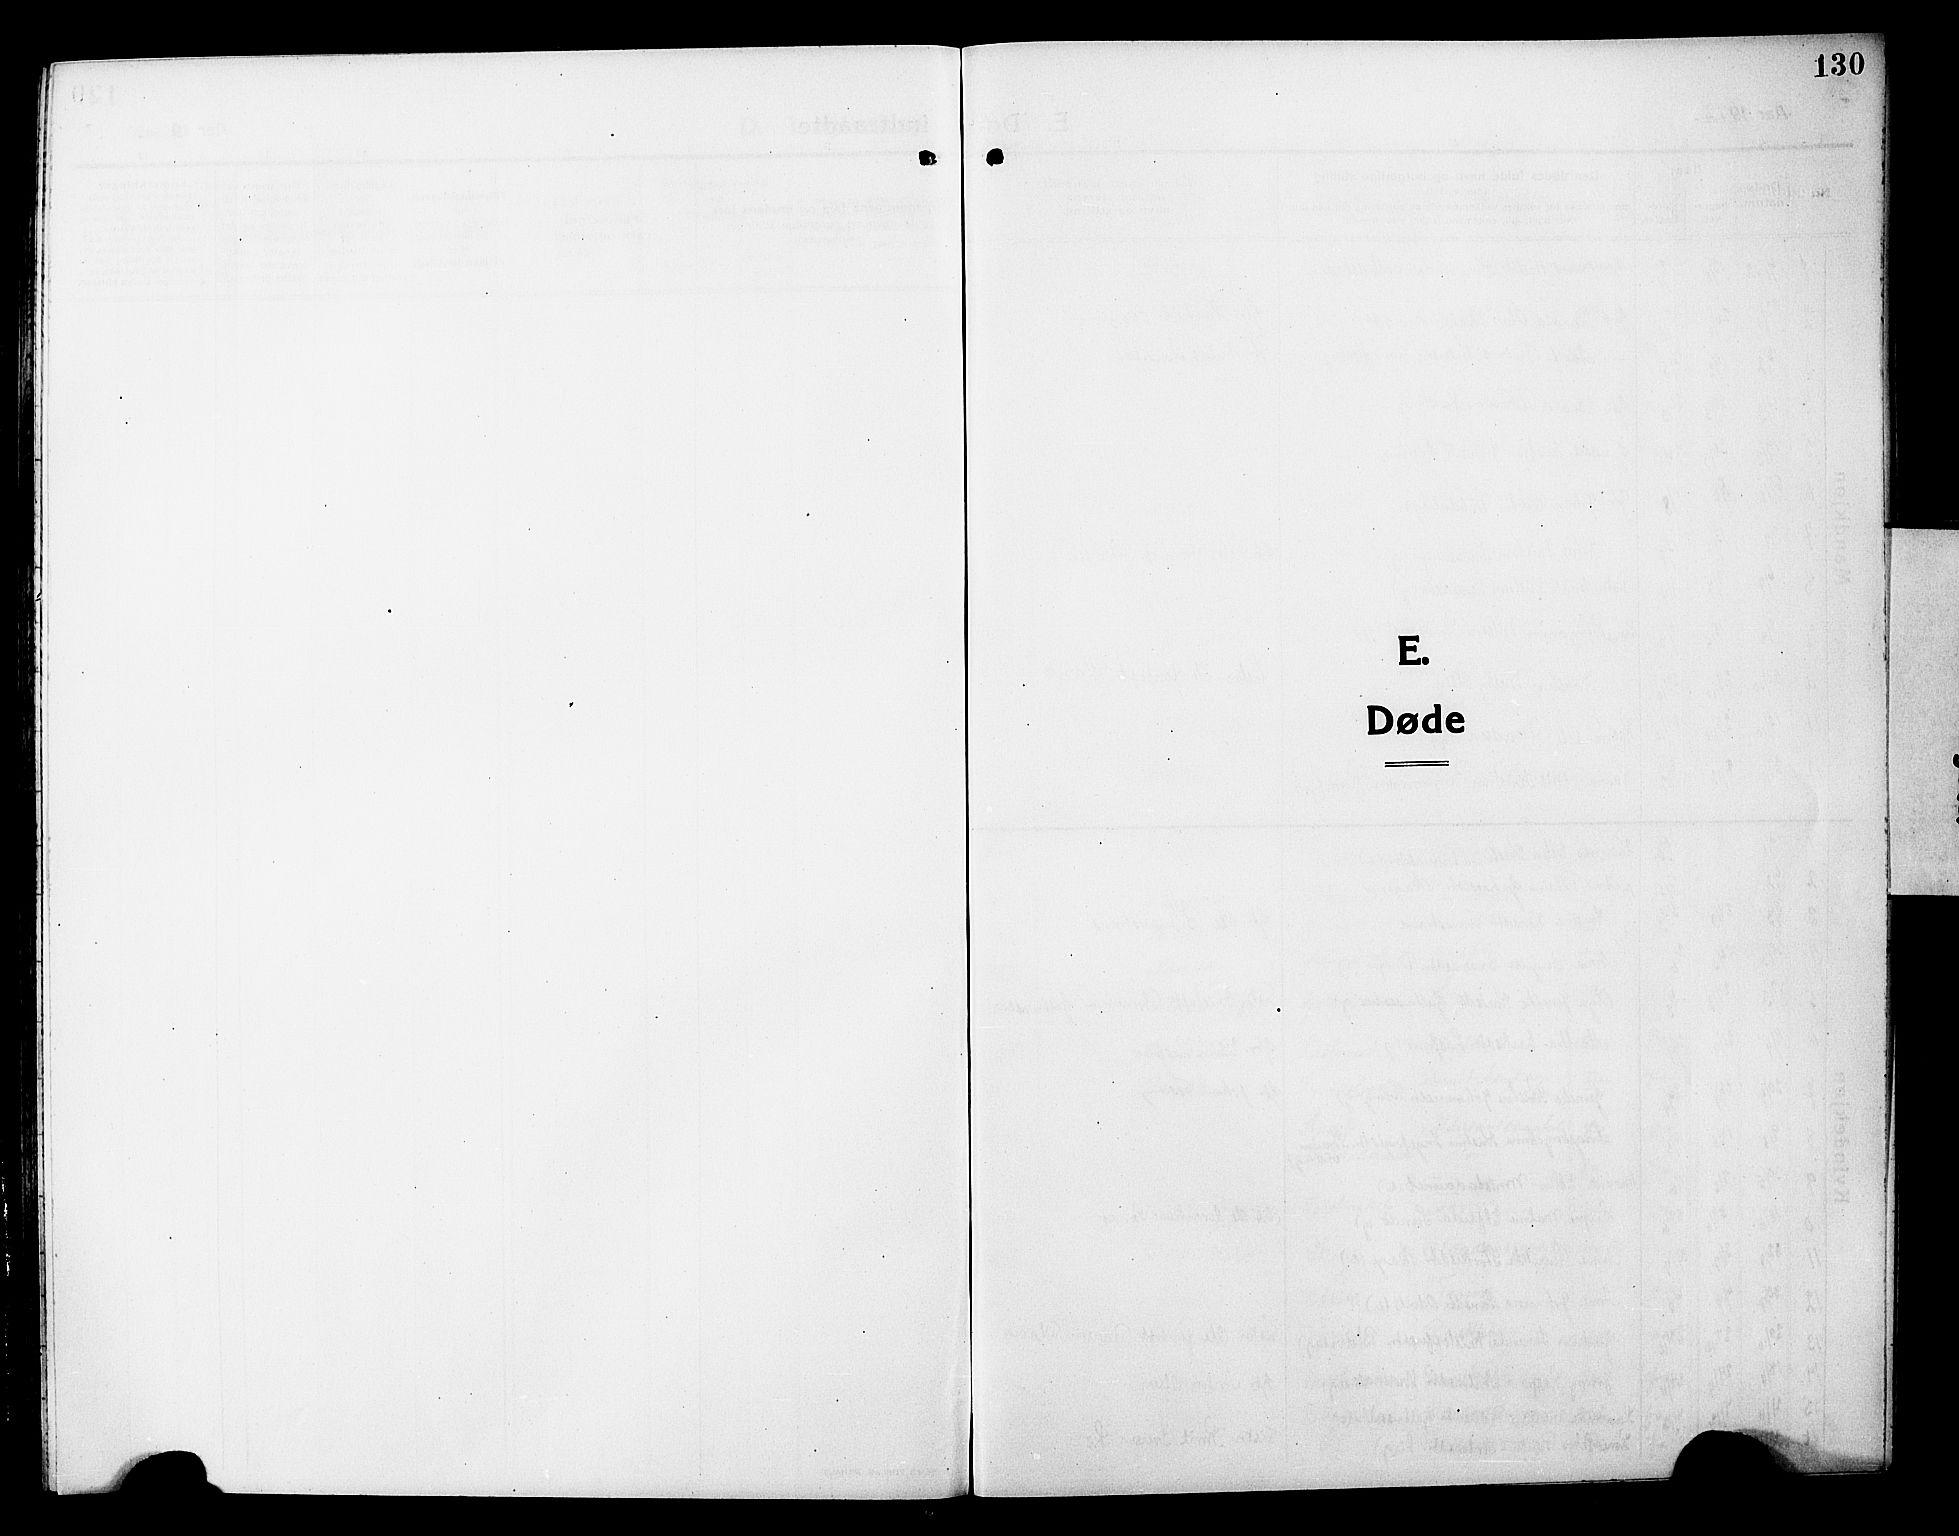 SAT, Ministerialprotokoller, klokkerbøker og fødselsregistre - Nord-Trøndelag, 780/L0653: Klokkerbok nr. 780C05, 1911-1927, s. 130